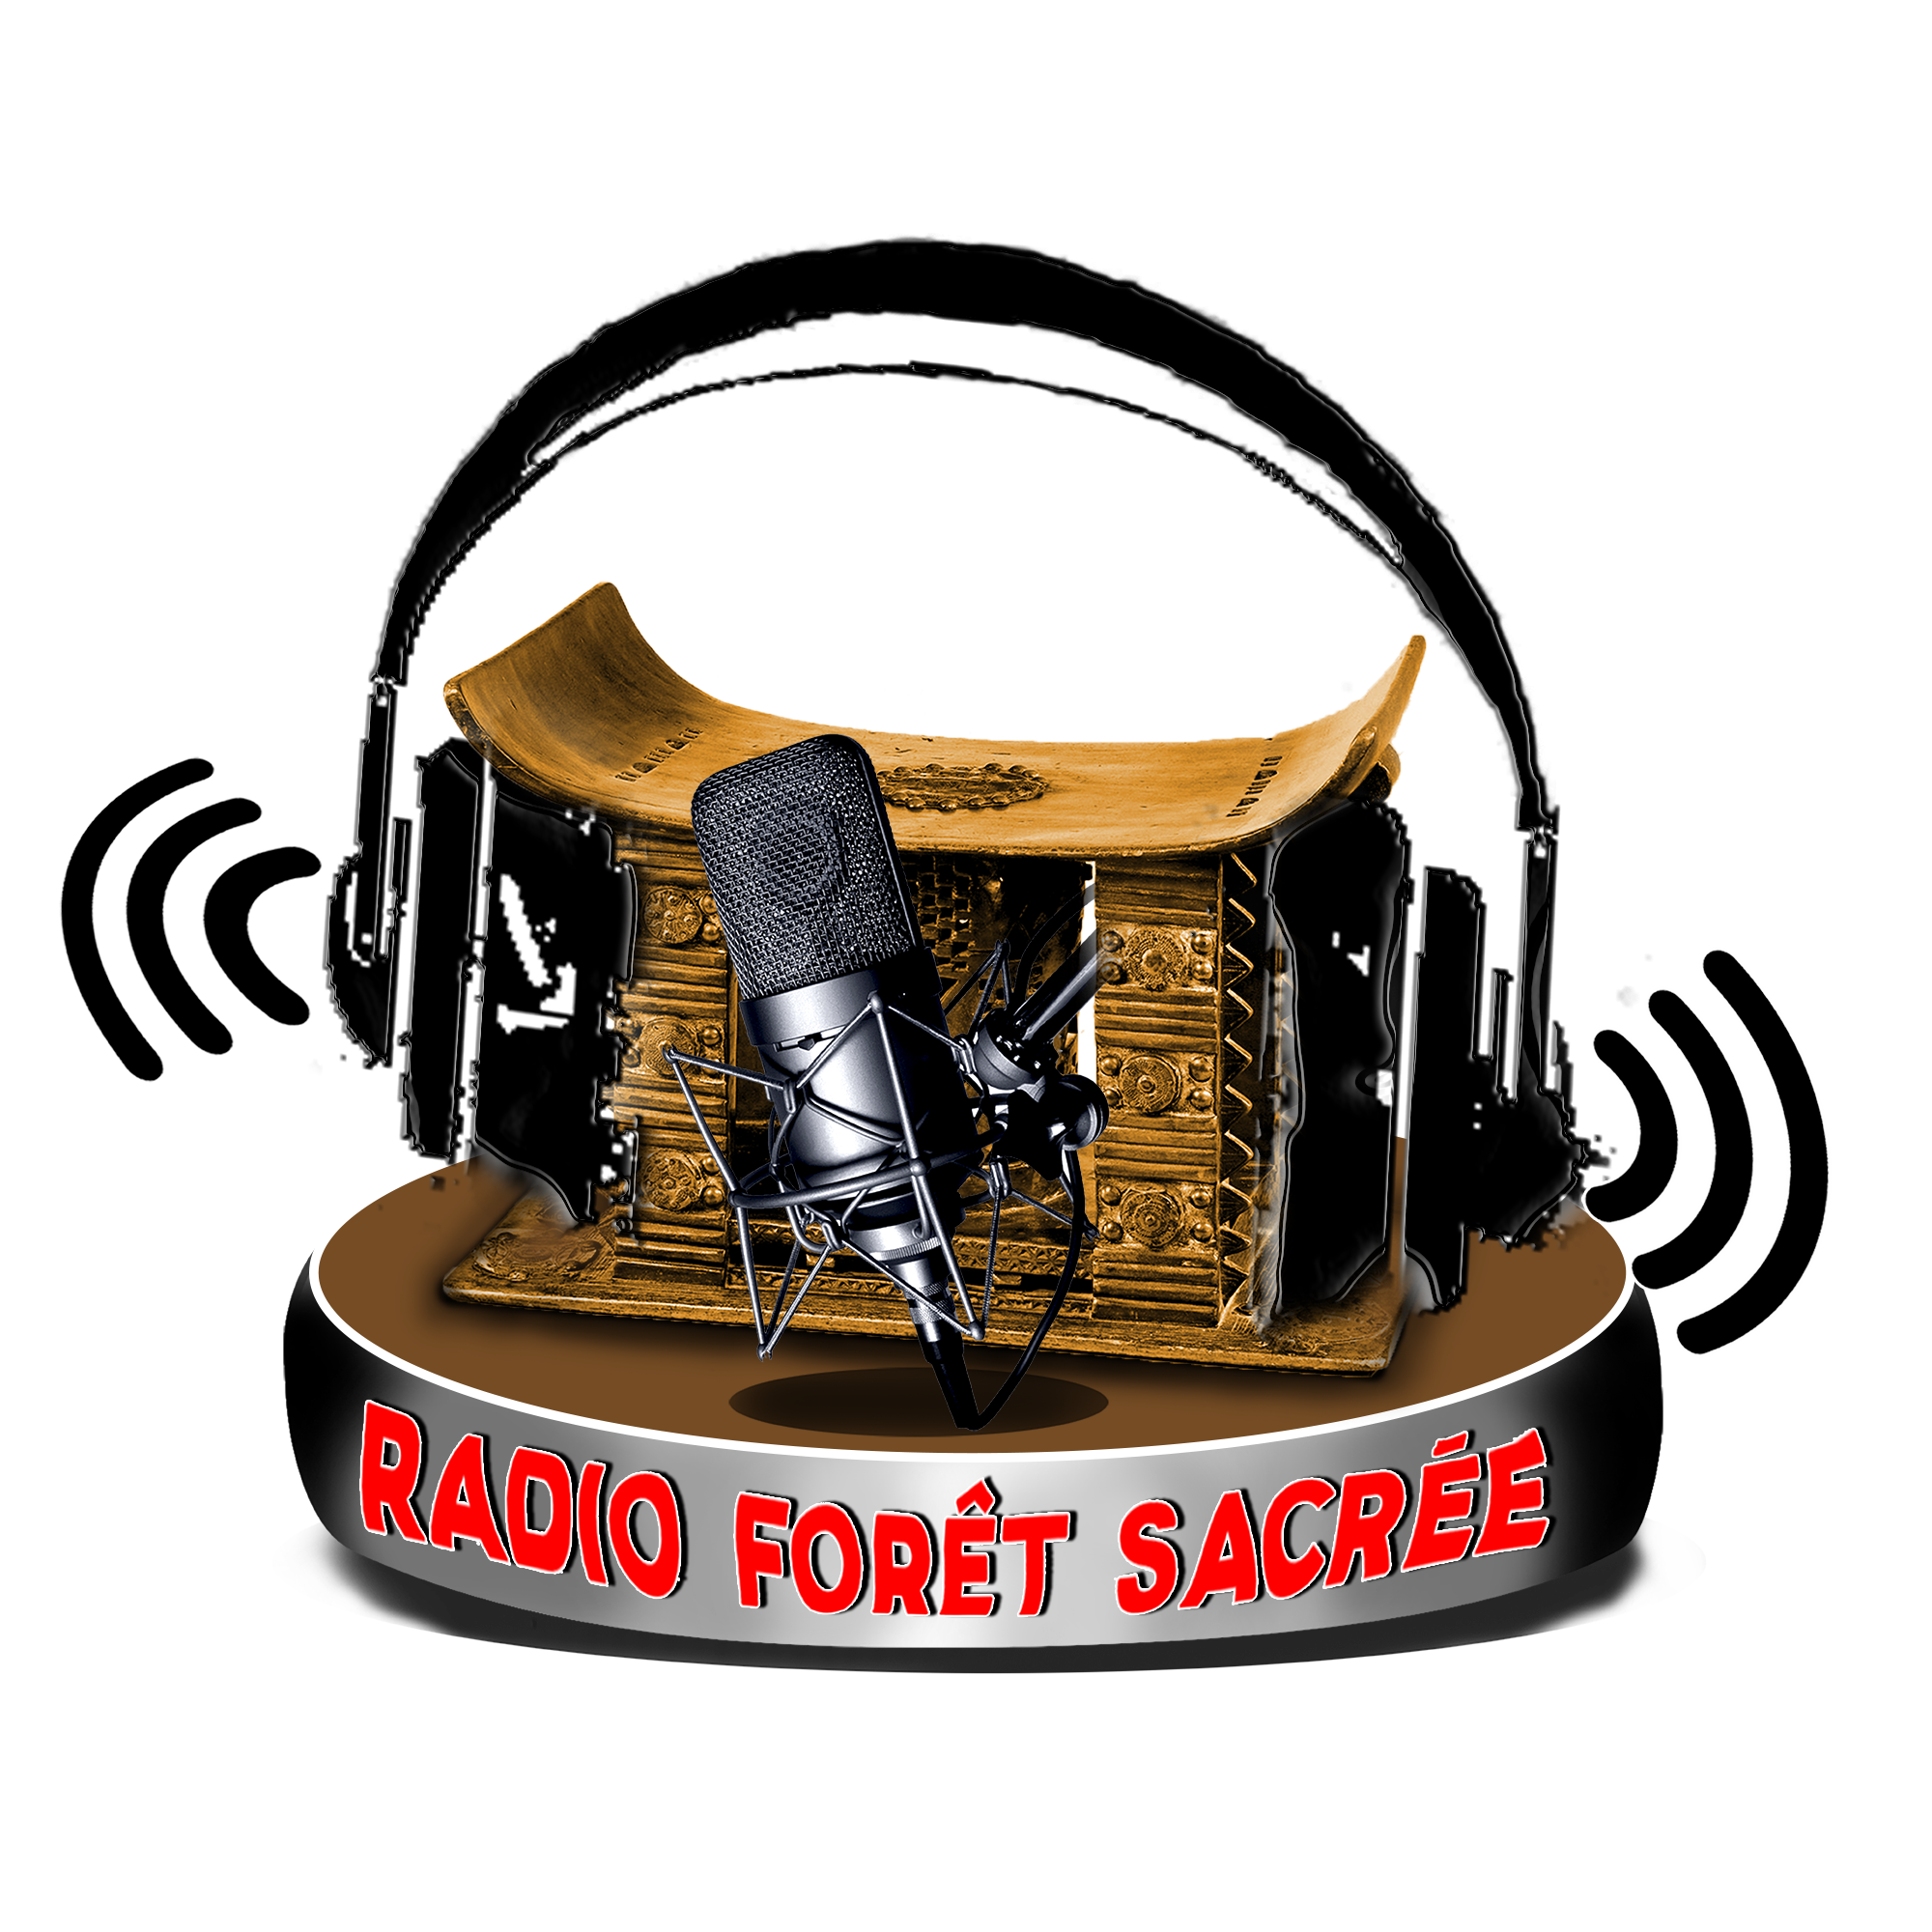 RADIO FORET SACREE